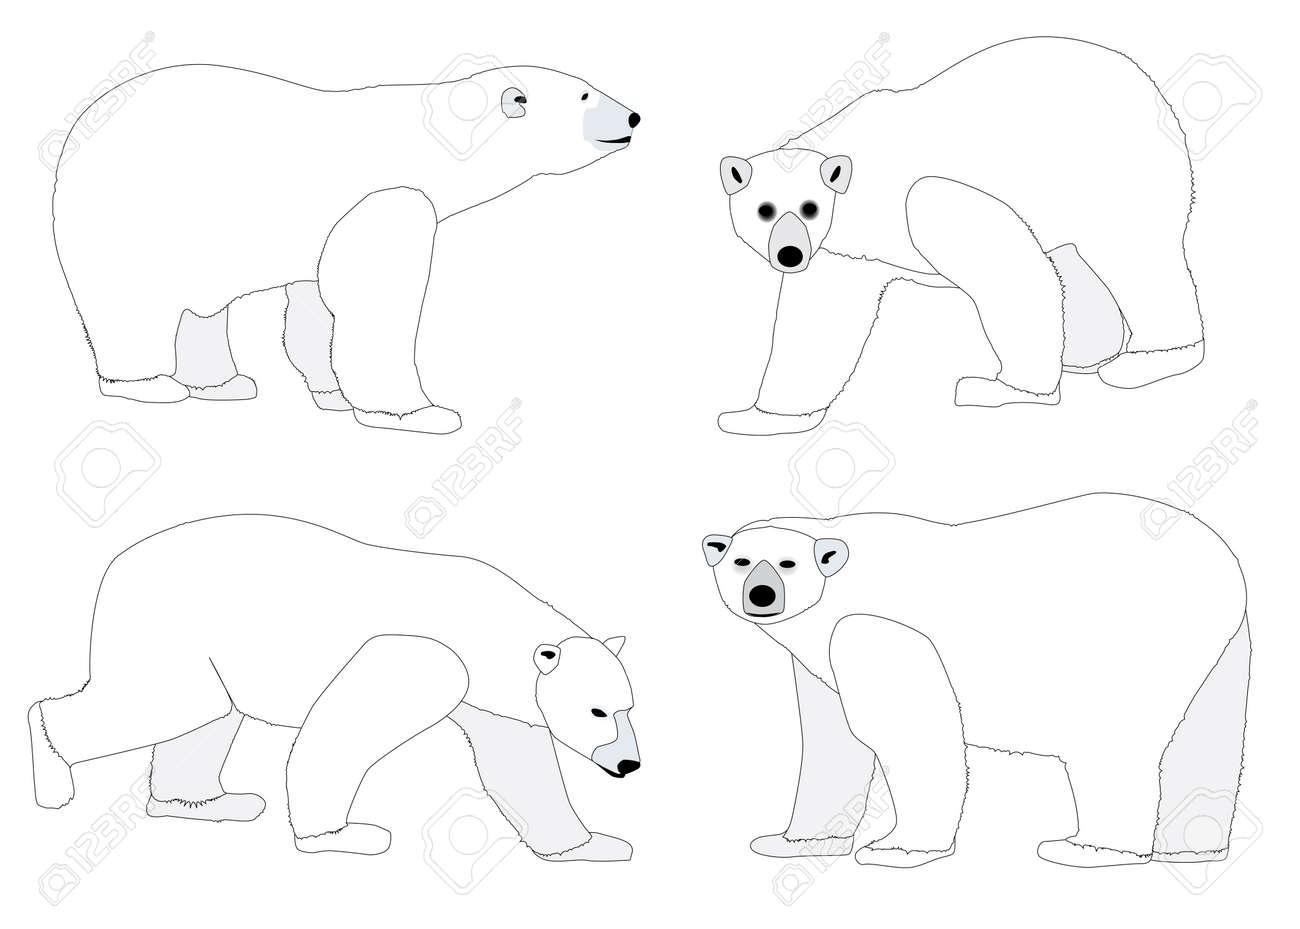 A collection of four polar bear sketches Stock Vector - 17144654